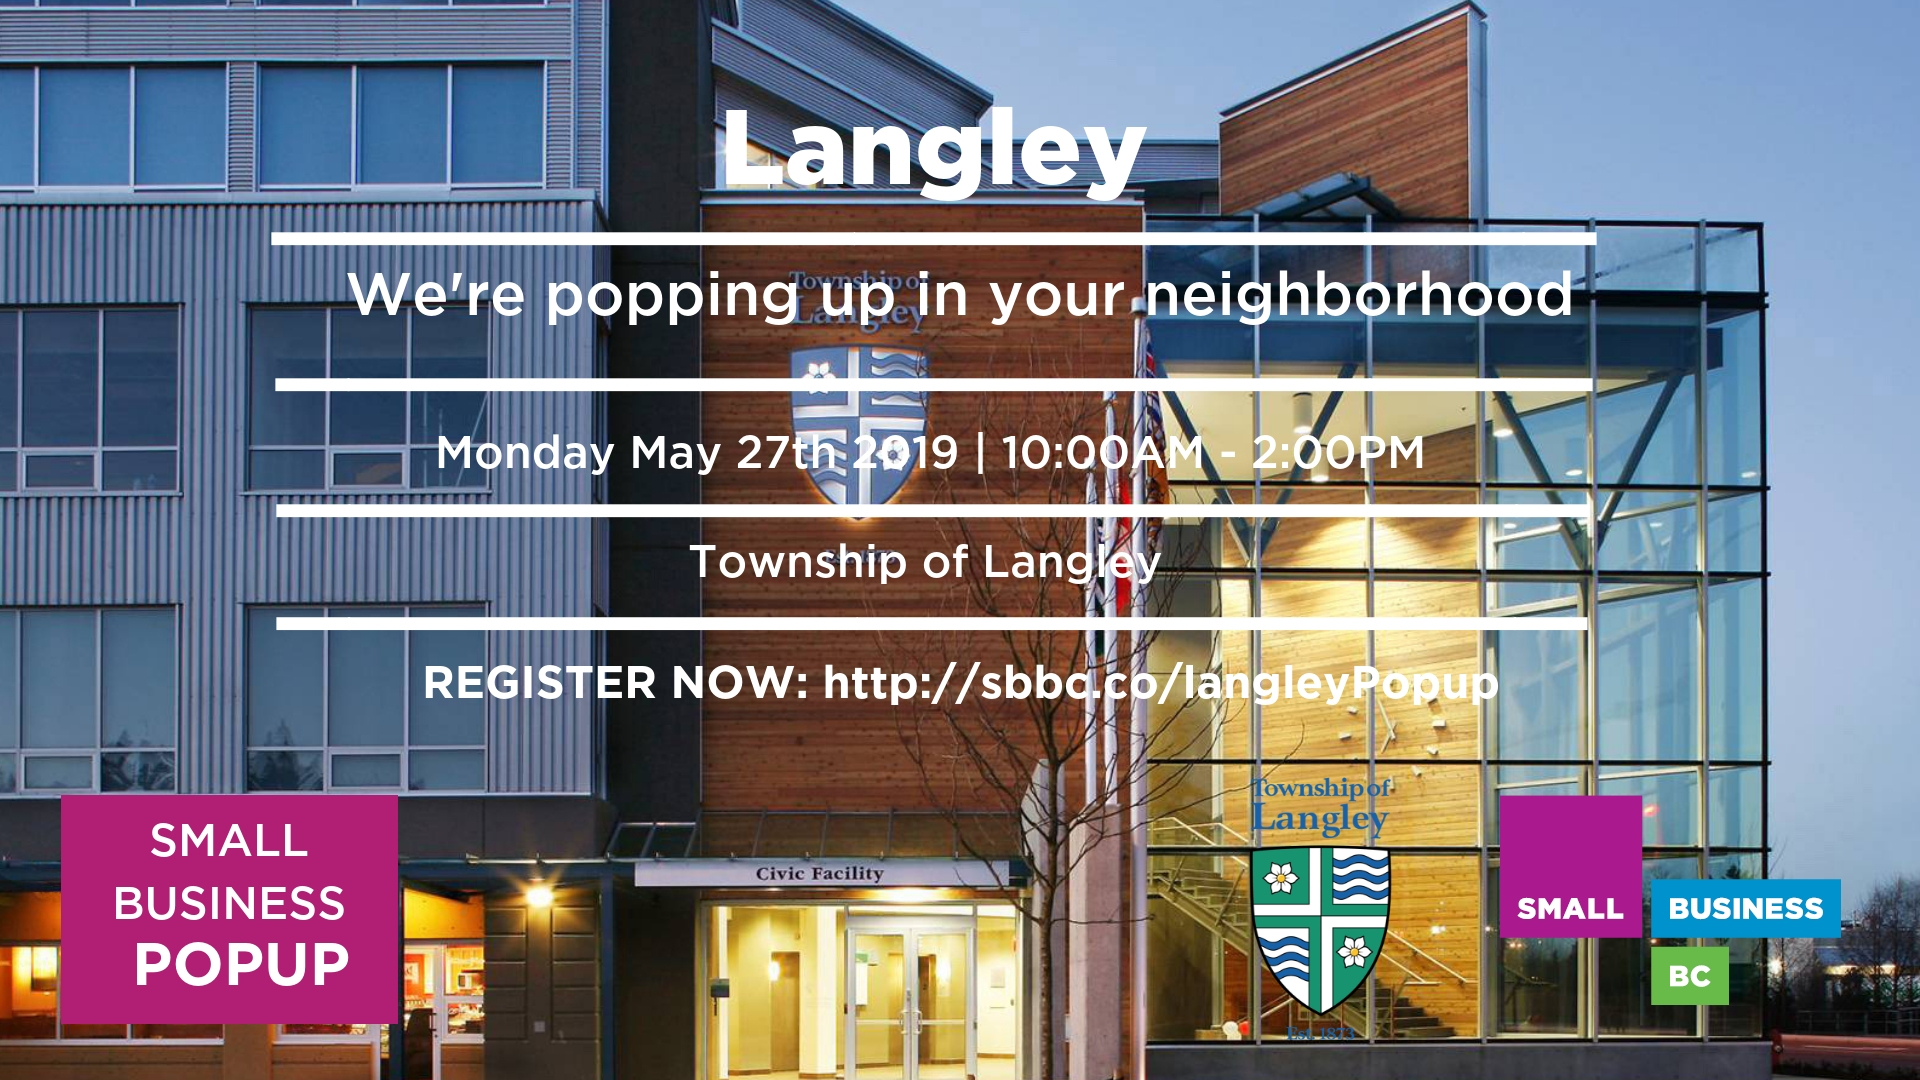 Langley Popup